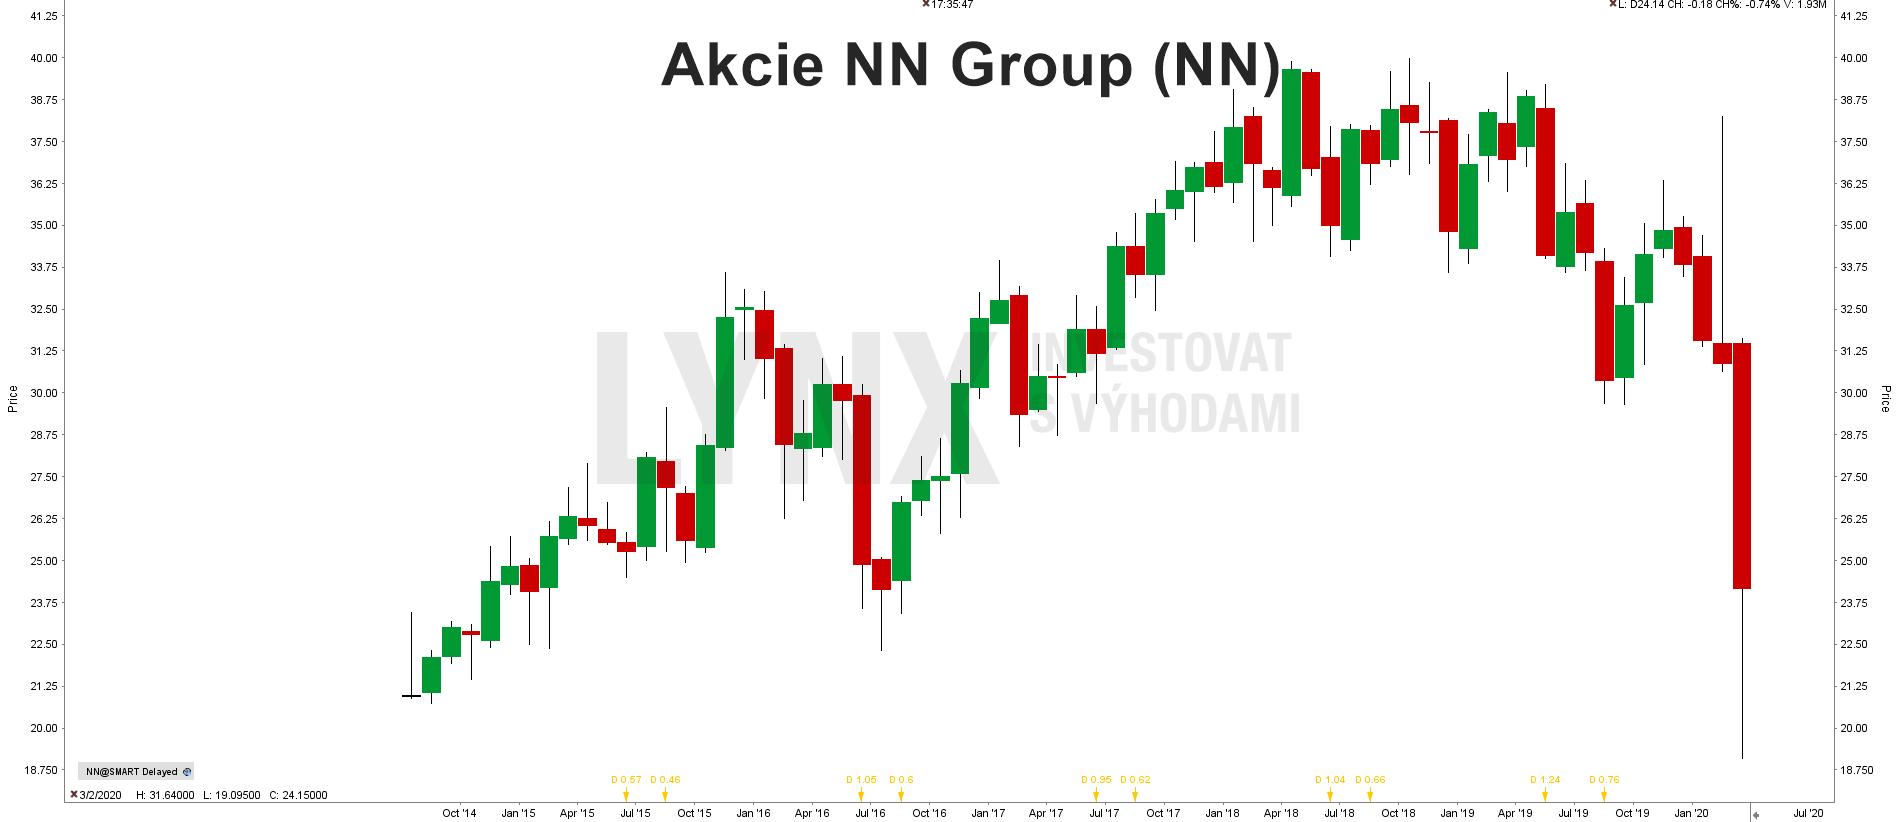 Akcie NN Group (NN)